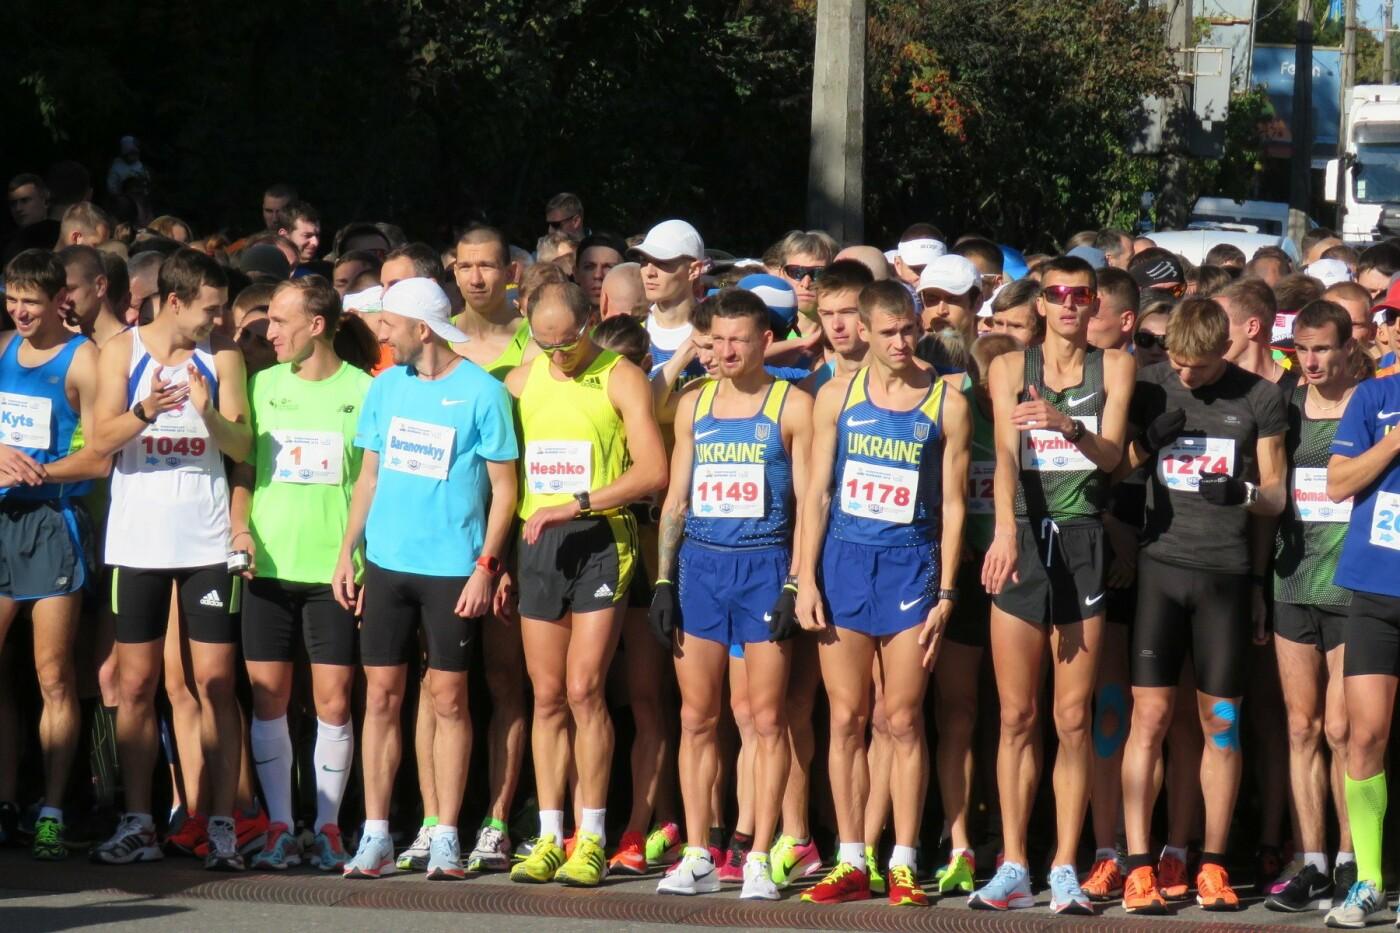 Понад 700 осіб взяли участь в Міжнародному Білоцерківському марафоні, фото-3